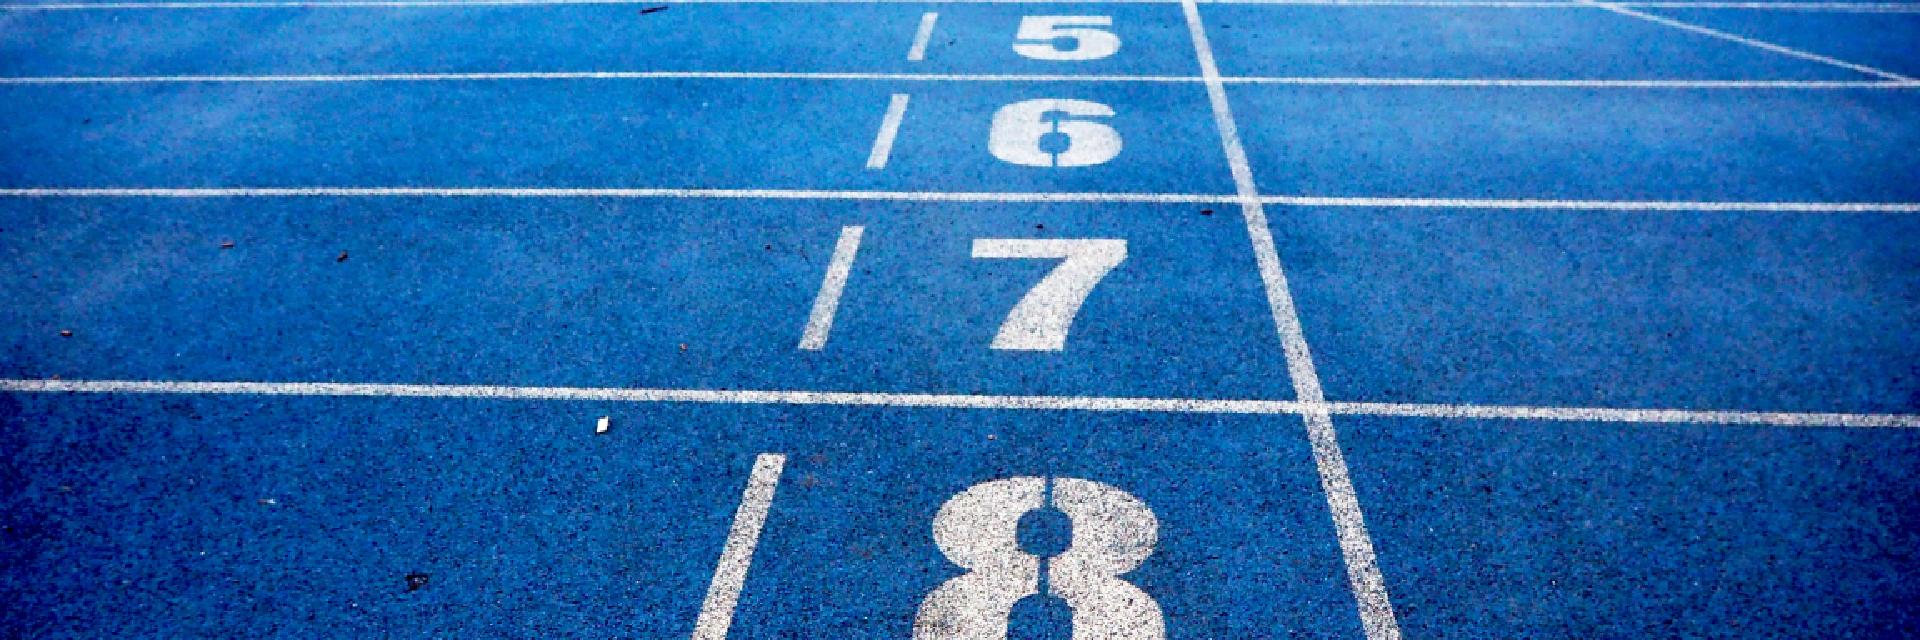 Mimořádné omezení úředních hodin v Národní sportovní agentuře